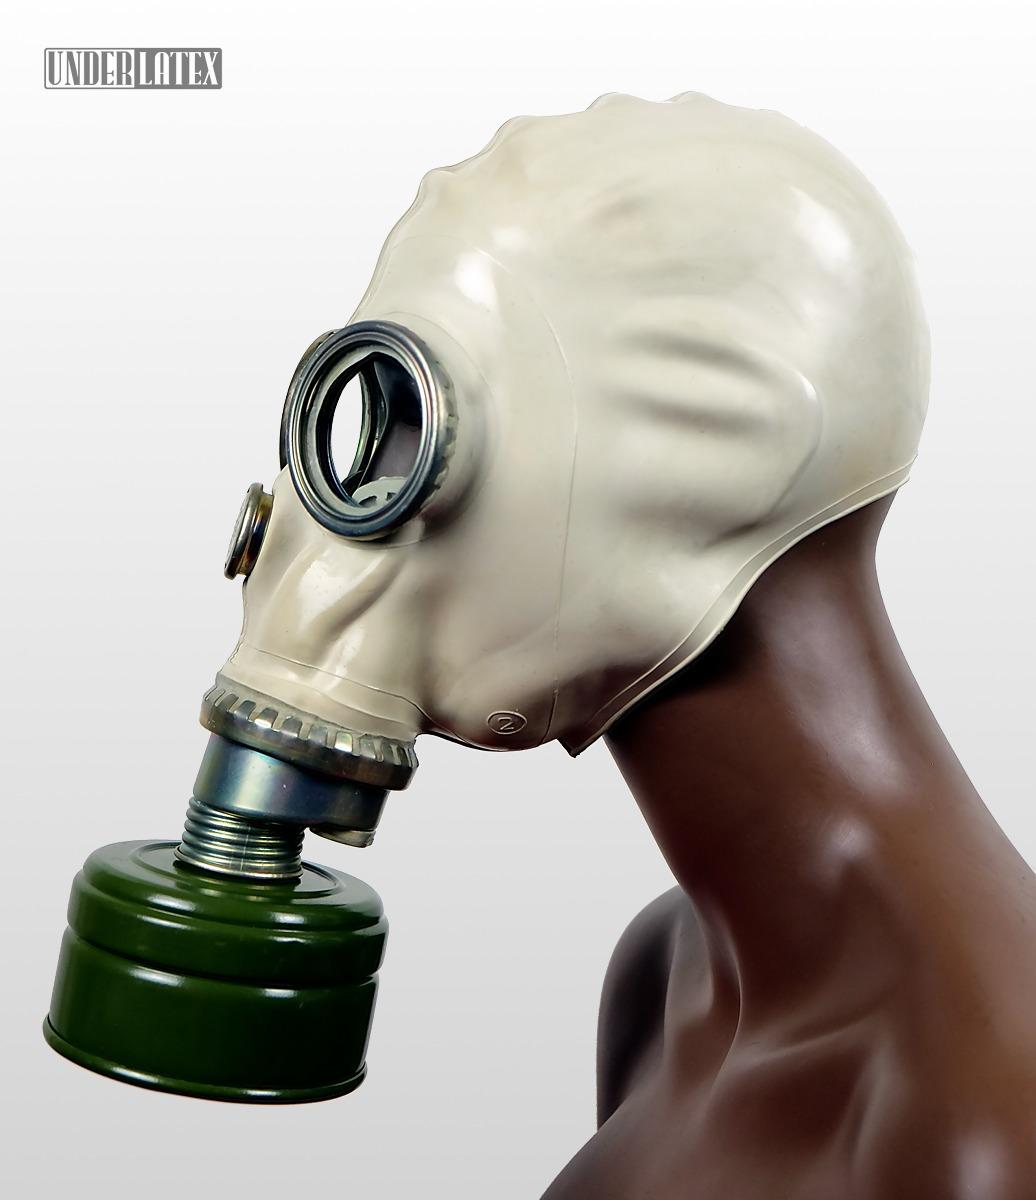 Polnische Gasmaske des Zivilschutzes MUA in grau mit eloxiertem Atemanschluß mit Faltenschlauch aus schwarzem Gummi